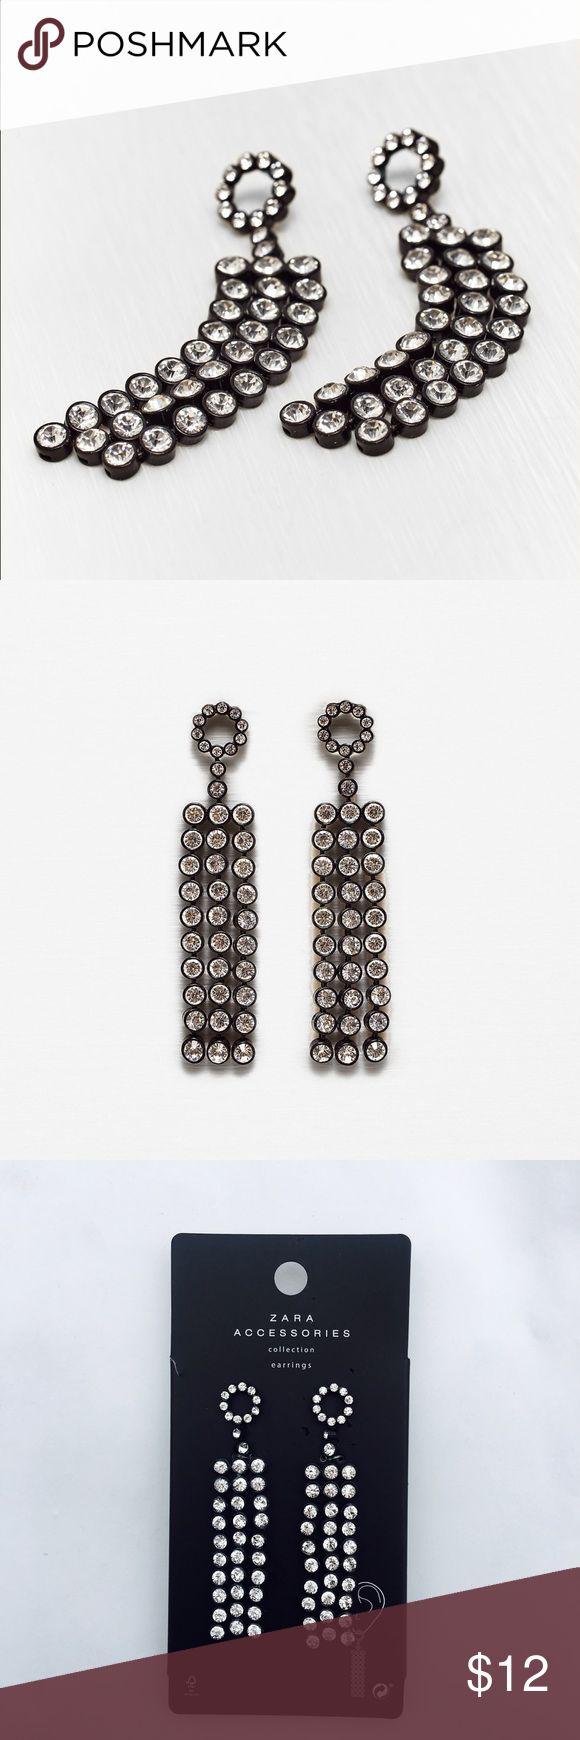 ZARA Earrings Zara Jewelry Earrings